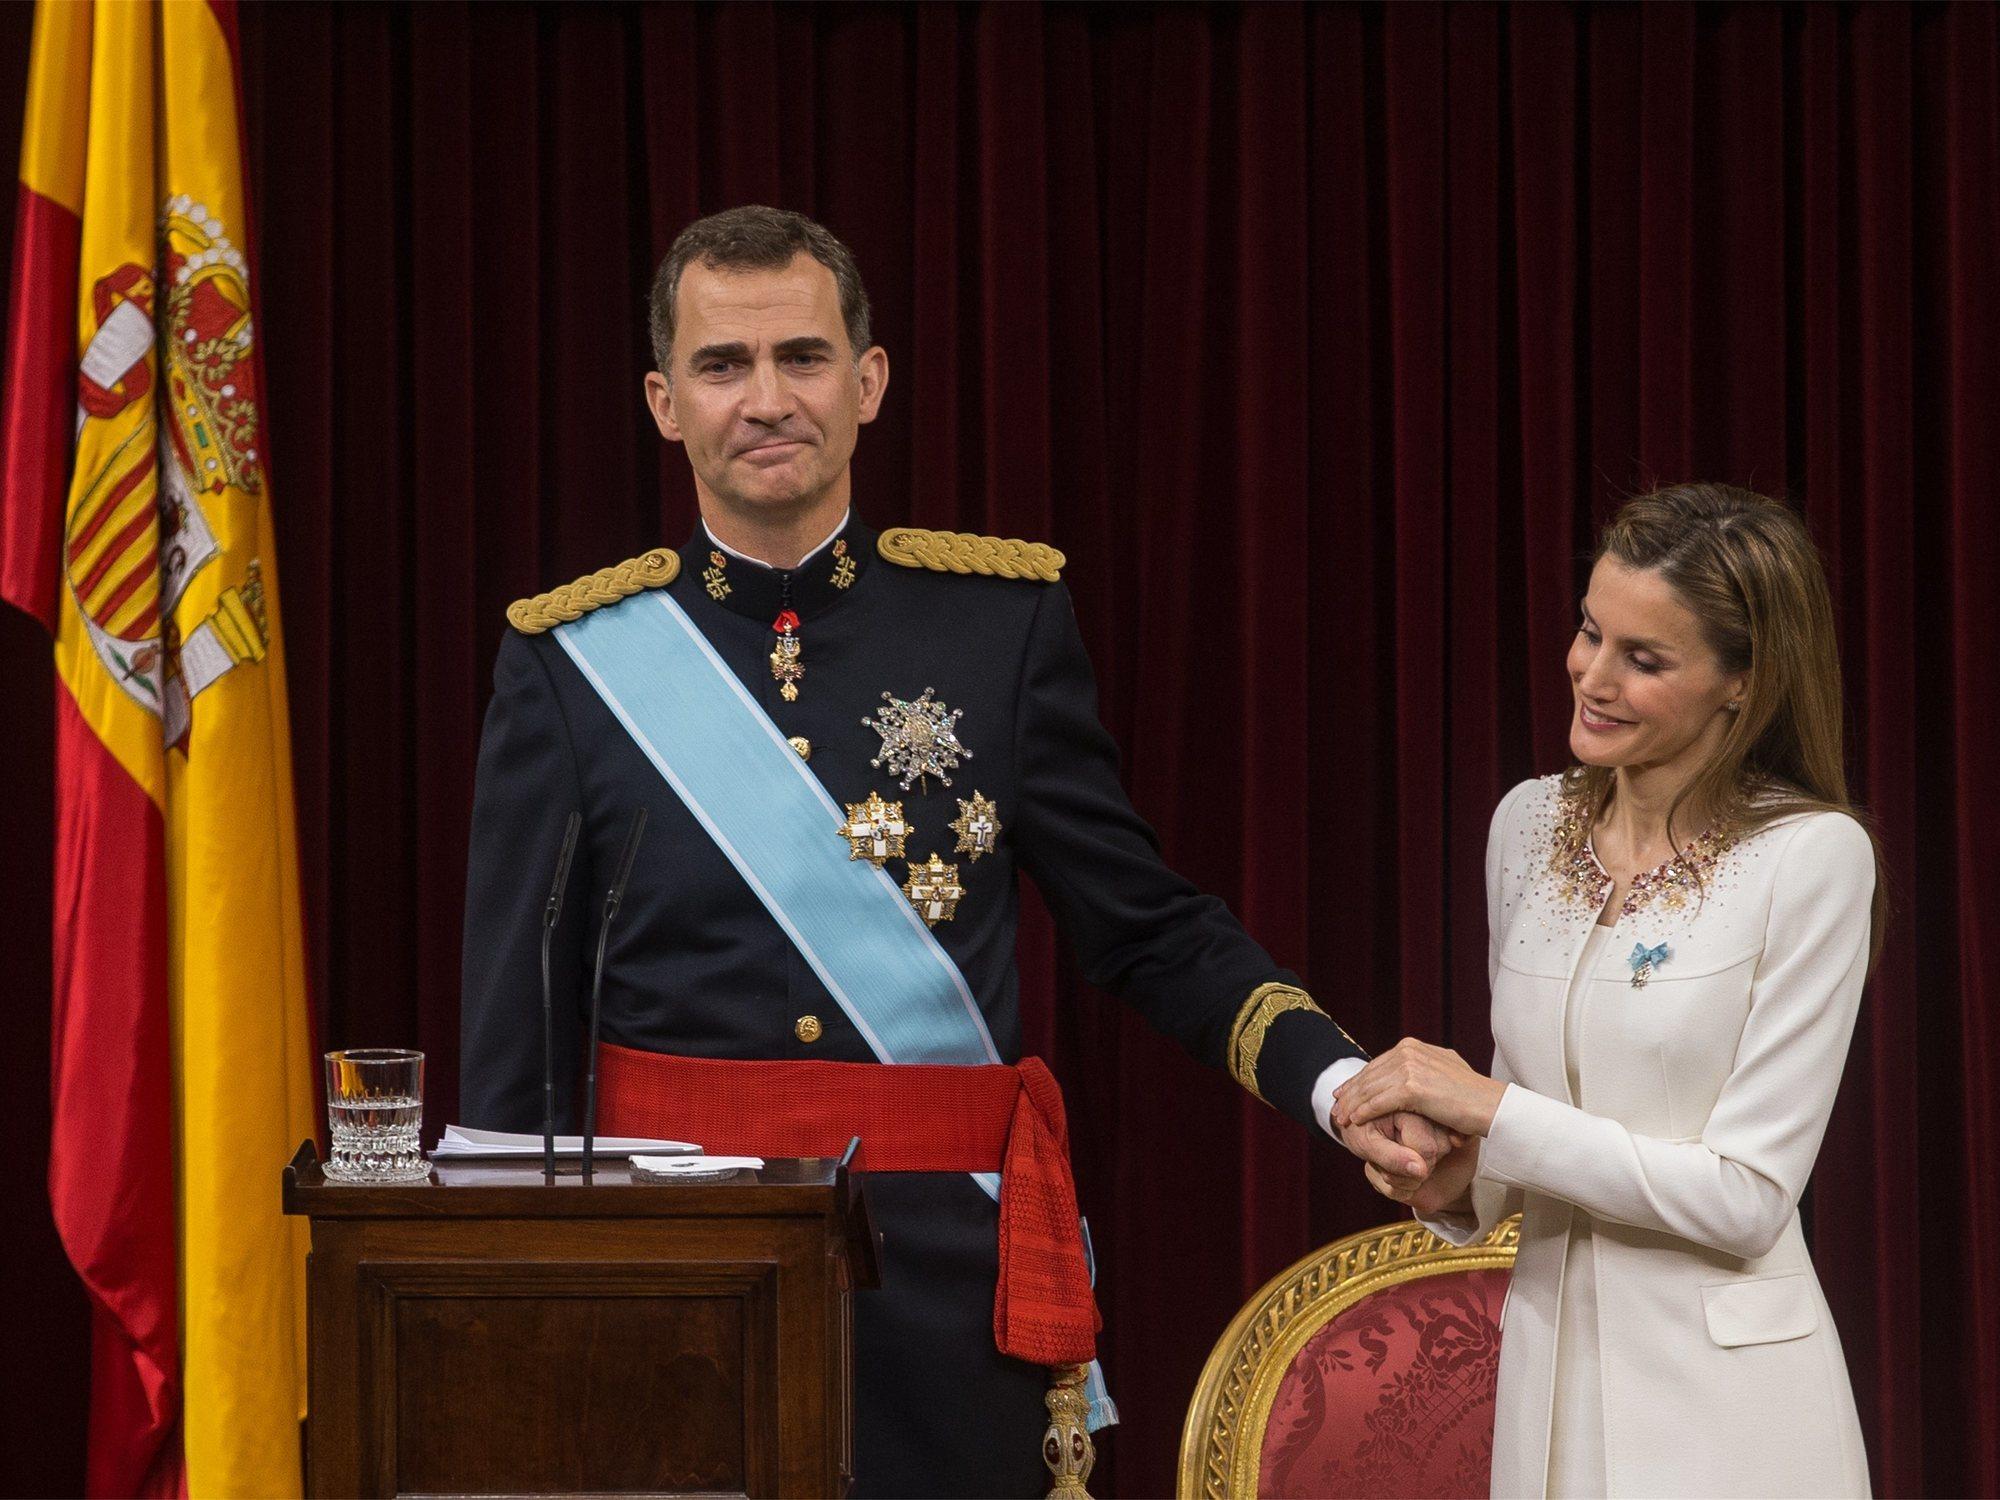 Preocupación en Casa Real con un dossier que recorre redacciones y podría acabar con Felipe VI